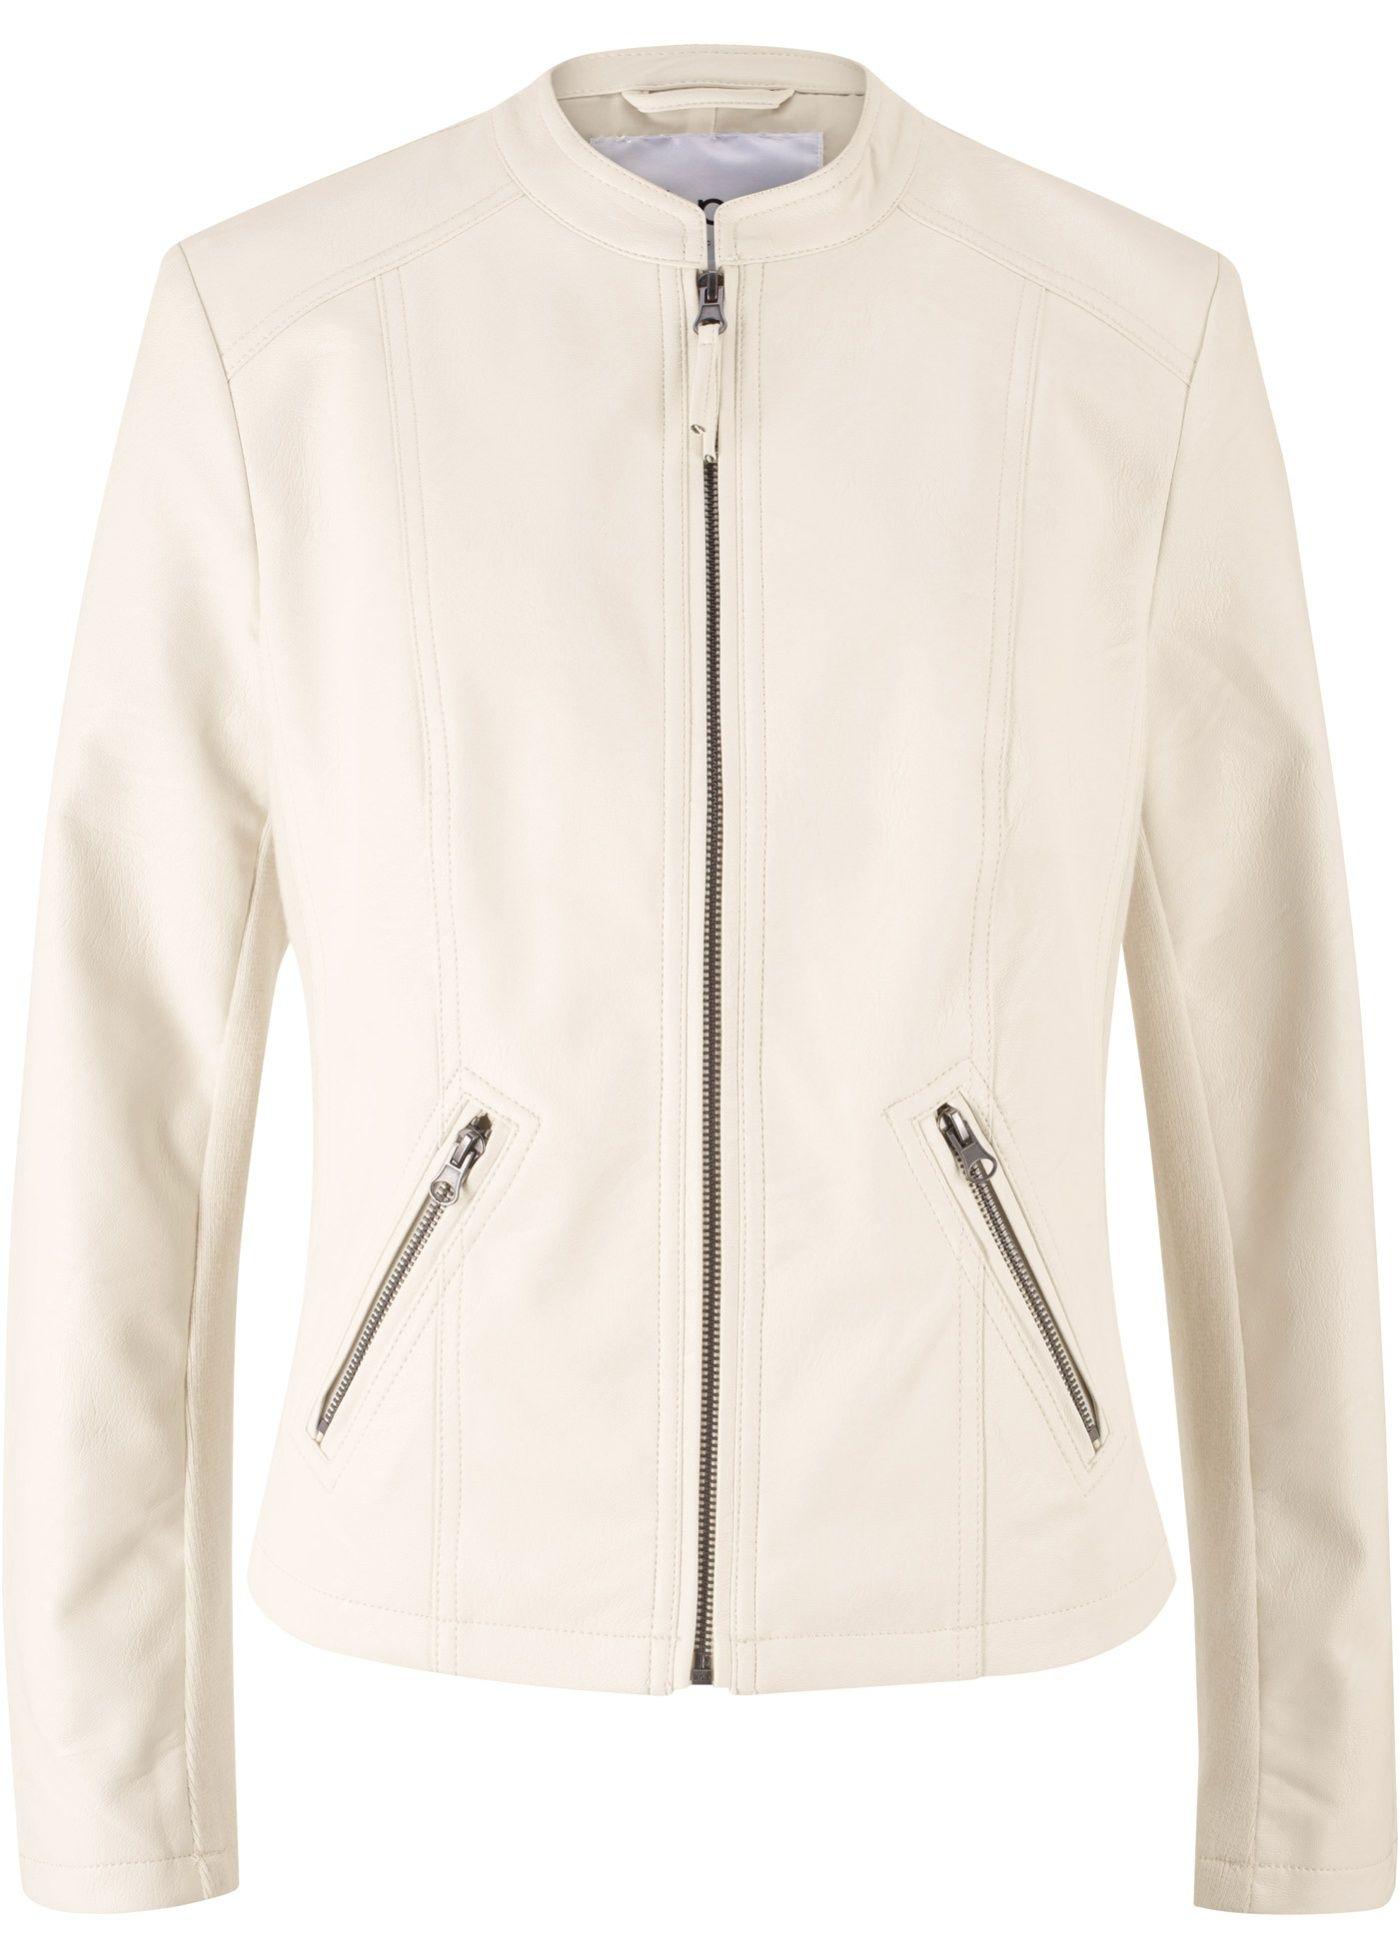 Taillierte Jacke aus Lederimitat mit Stehkragen | Products